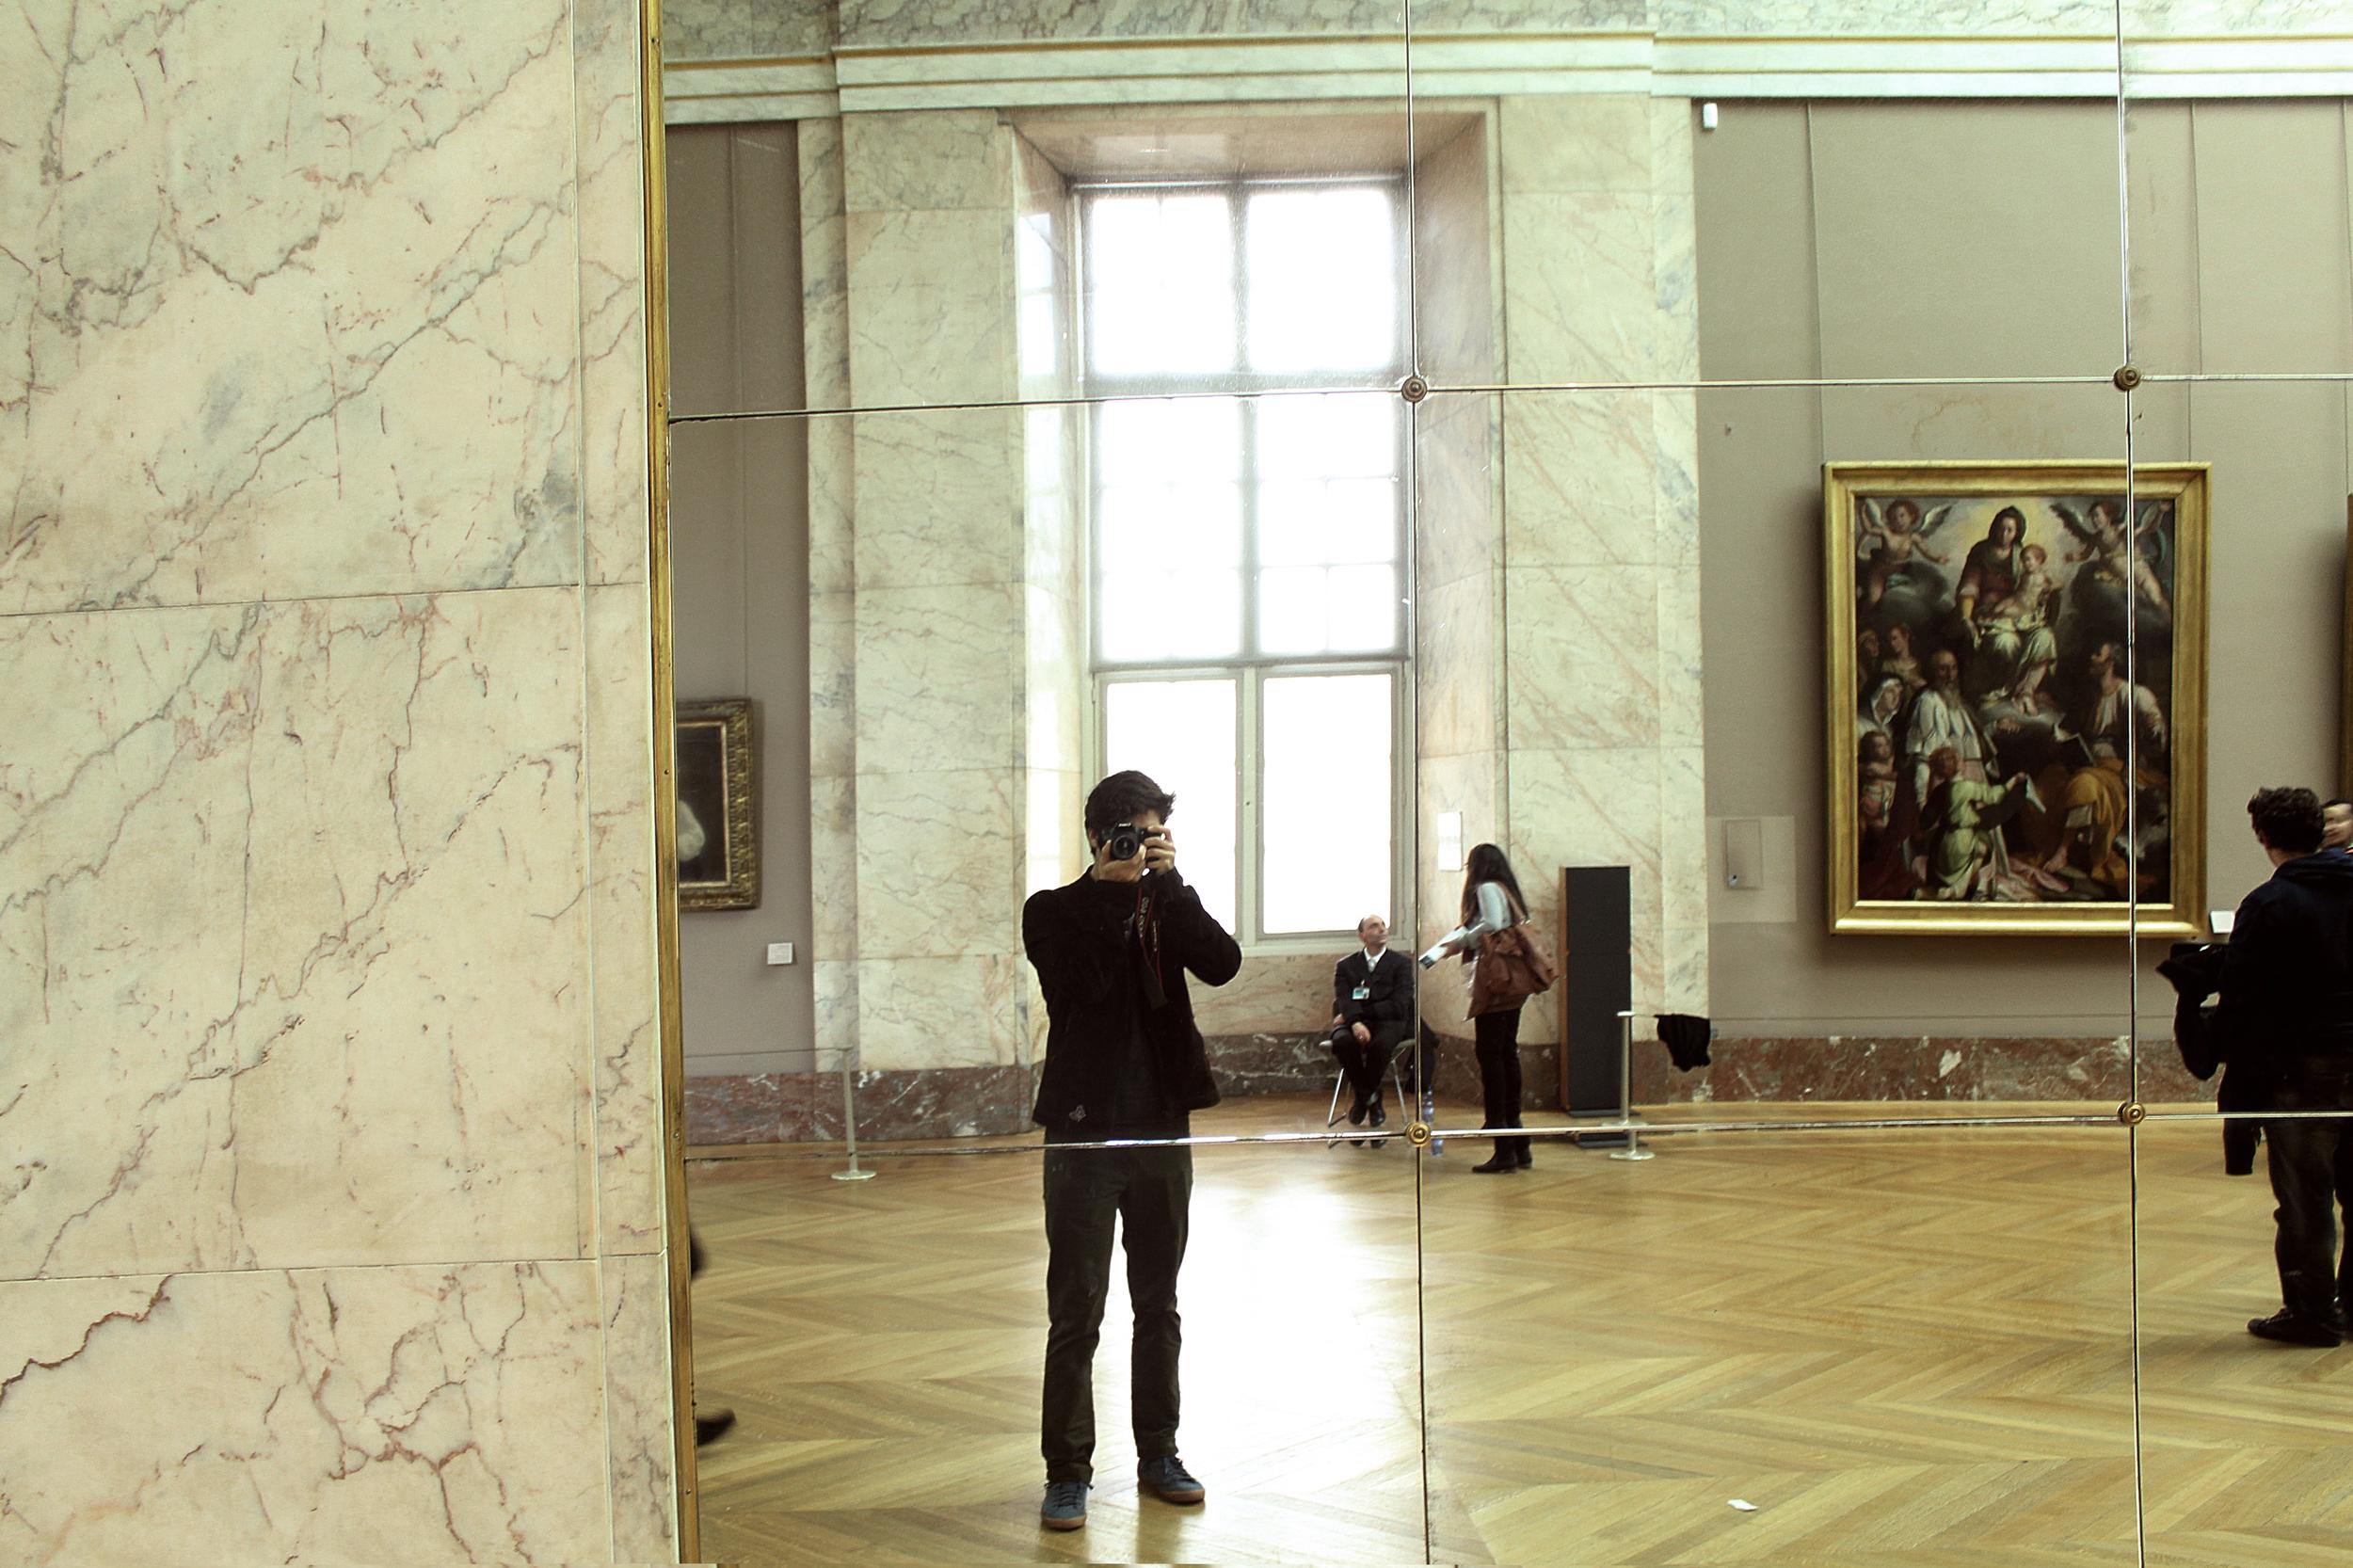 Paris_louvre_selfie.jpg